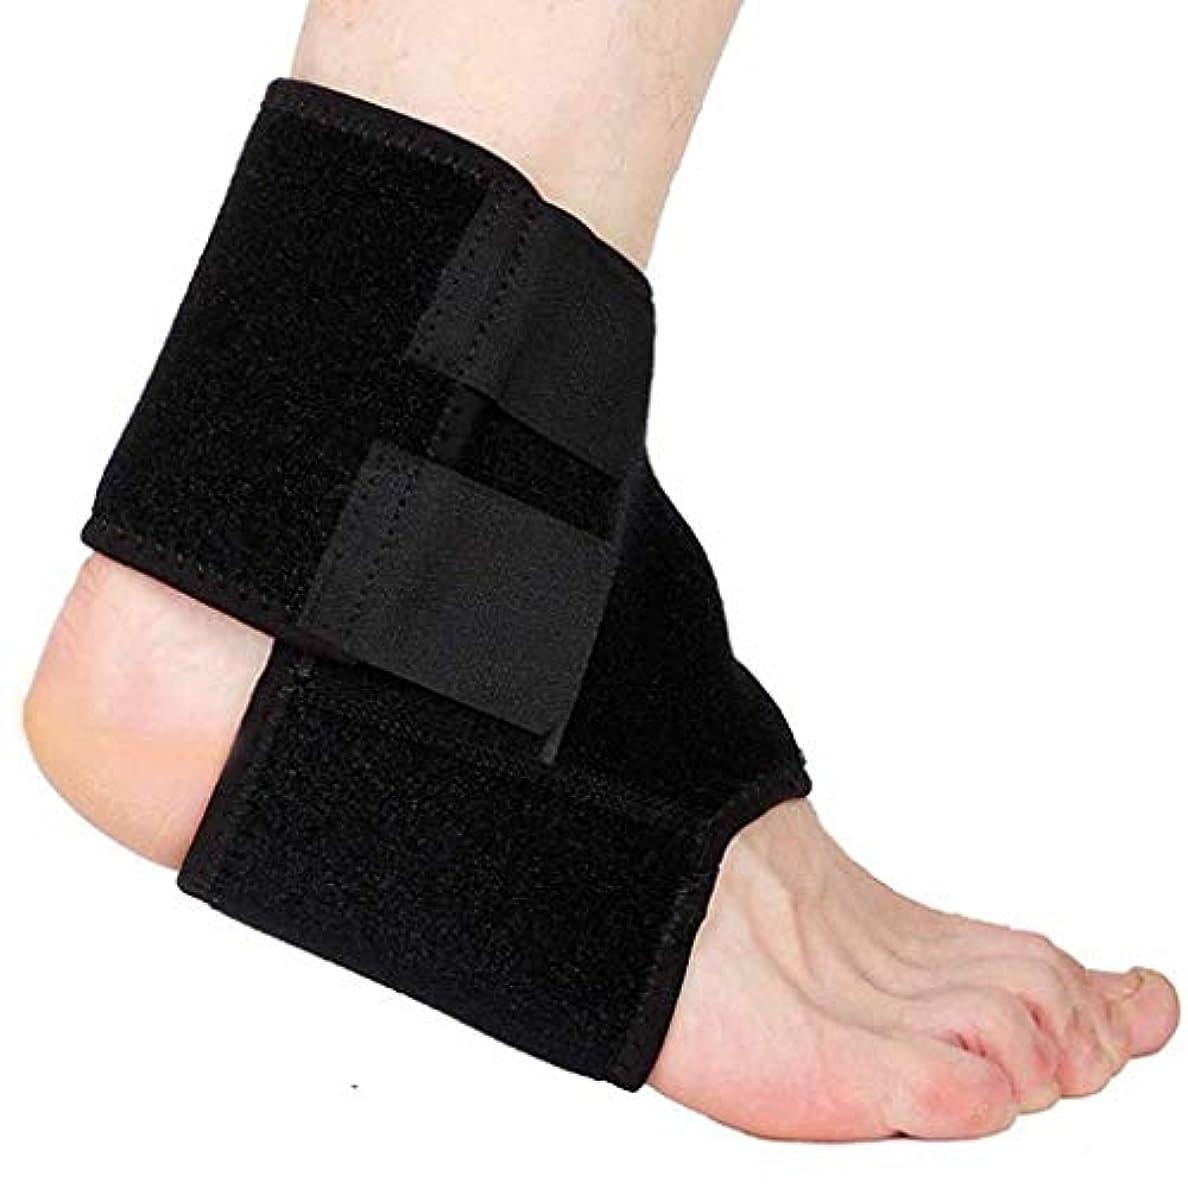 不適当偽善者オークランド足首サポート調節可能な足首ブレース通気性のあるナイロン素材伸縮性があり快適な1サイズスポーツに最適慢性的な足首の捻Sp疲労からの保護